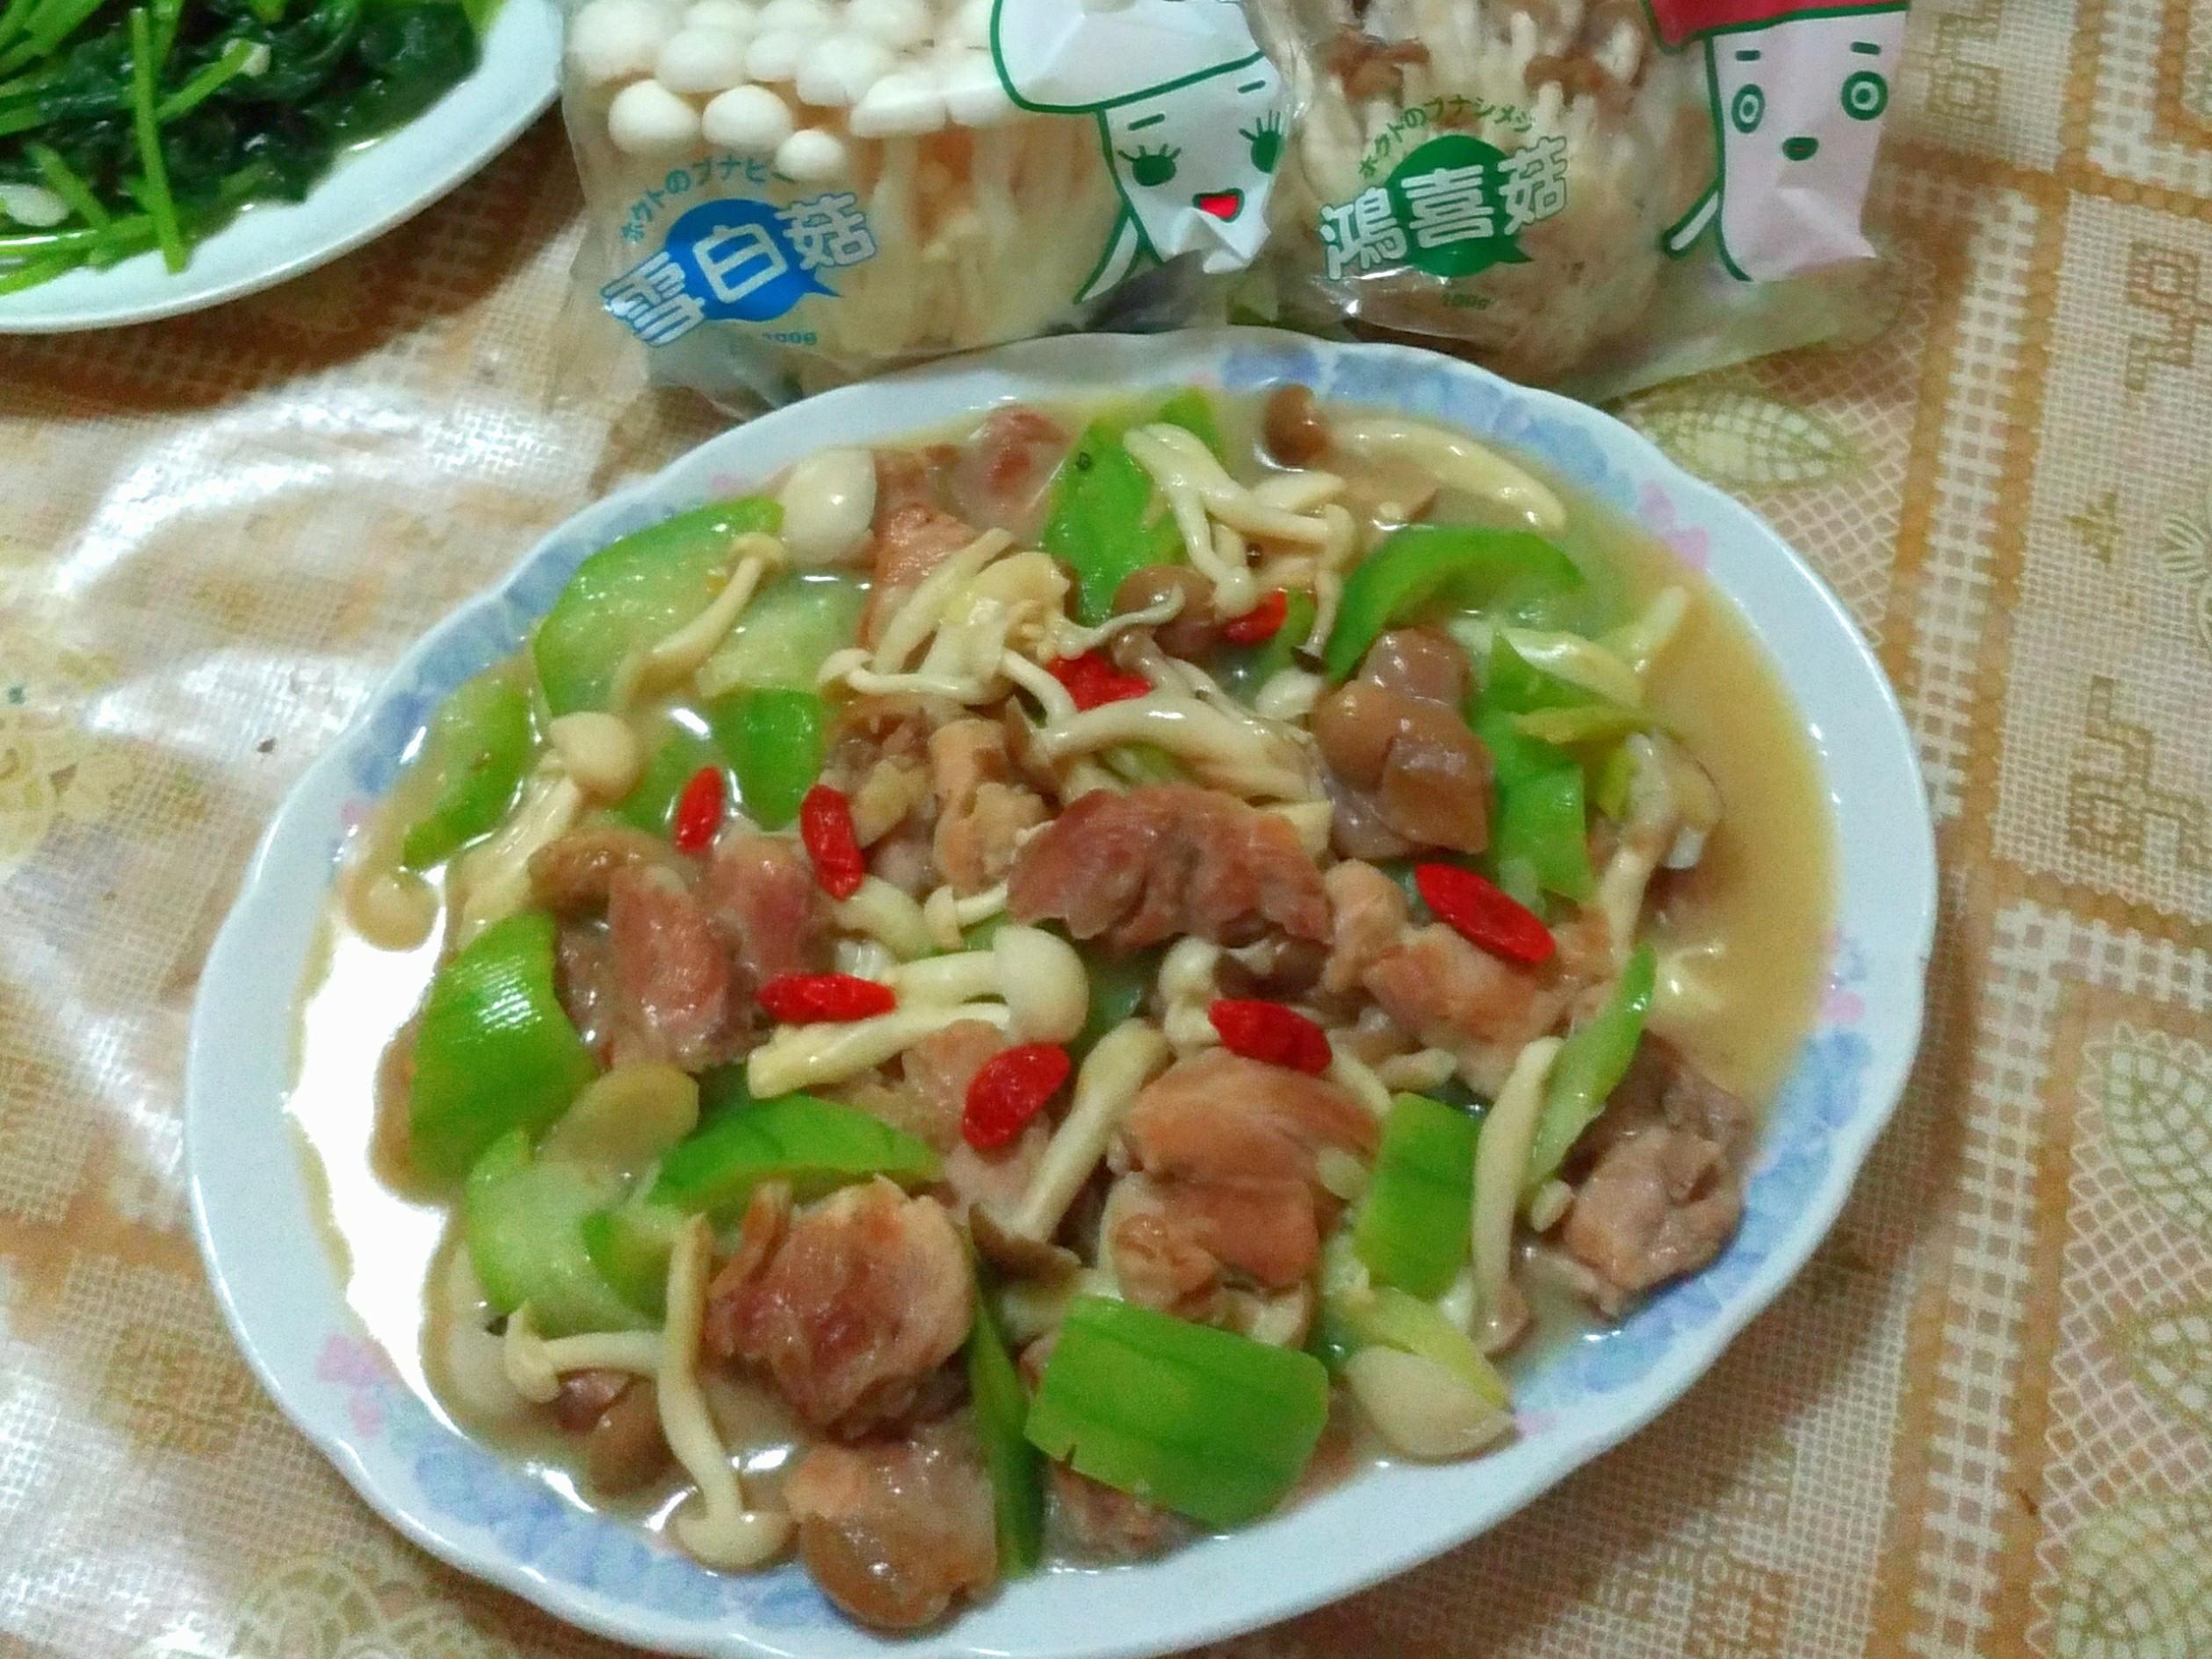 雞肉燴鮮蔬【好菇道親子食光】